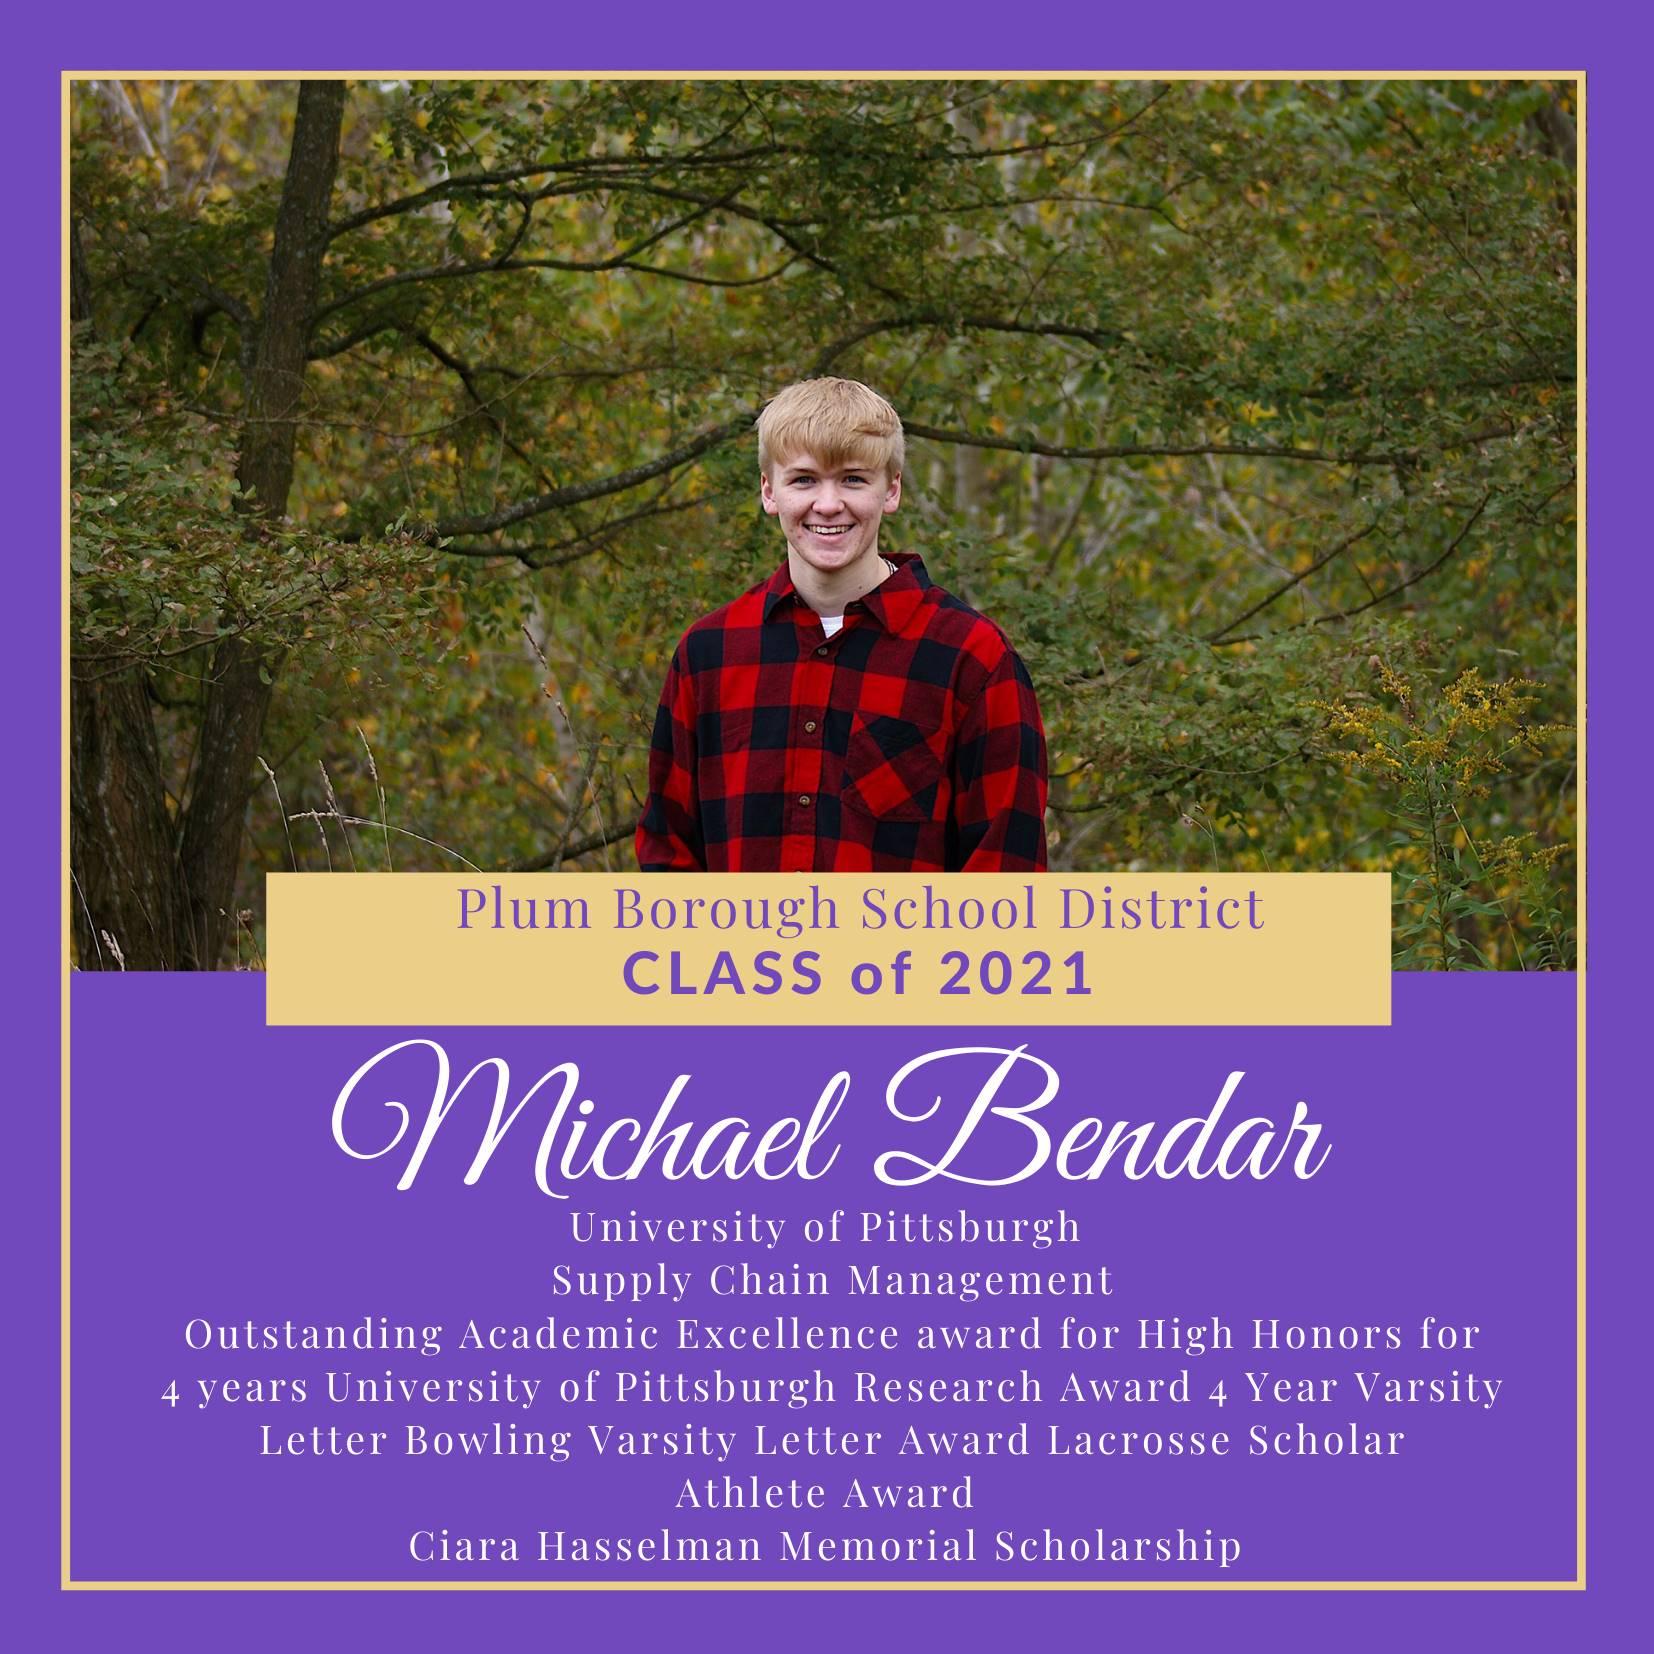 Congratulations to Michael Bendar, Class of 2021!